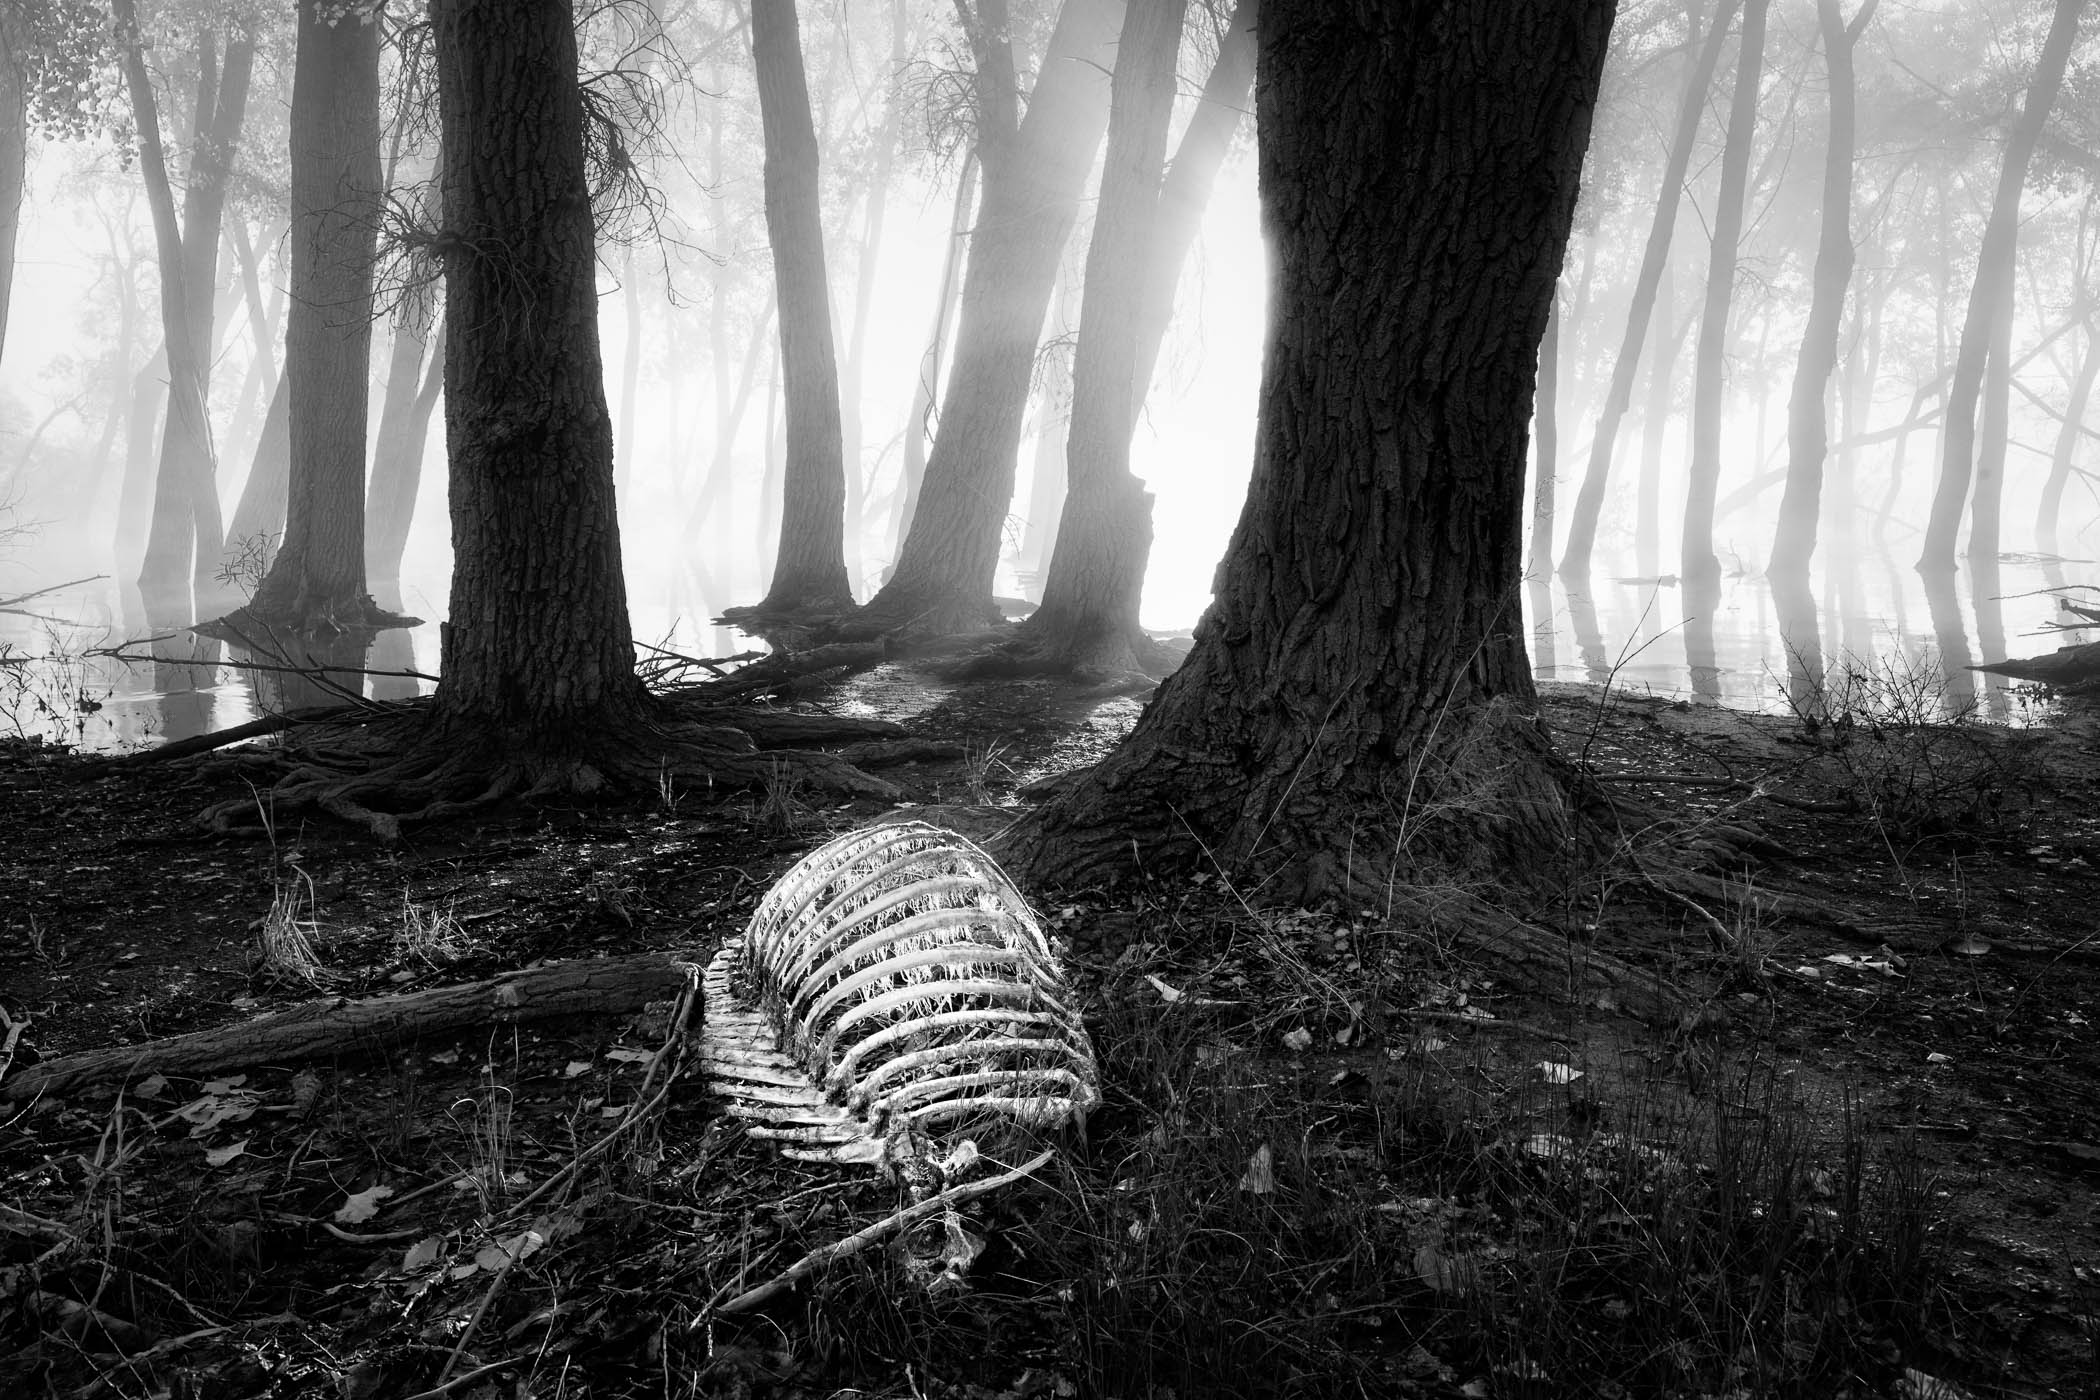 Elk Carcass in Fog